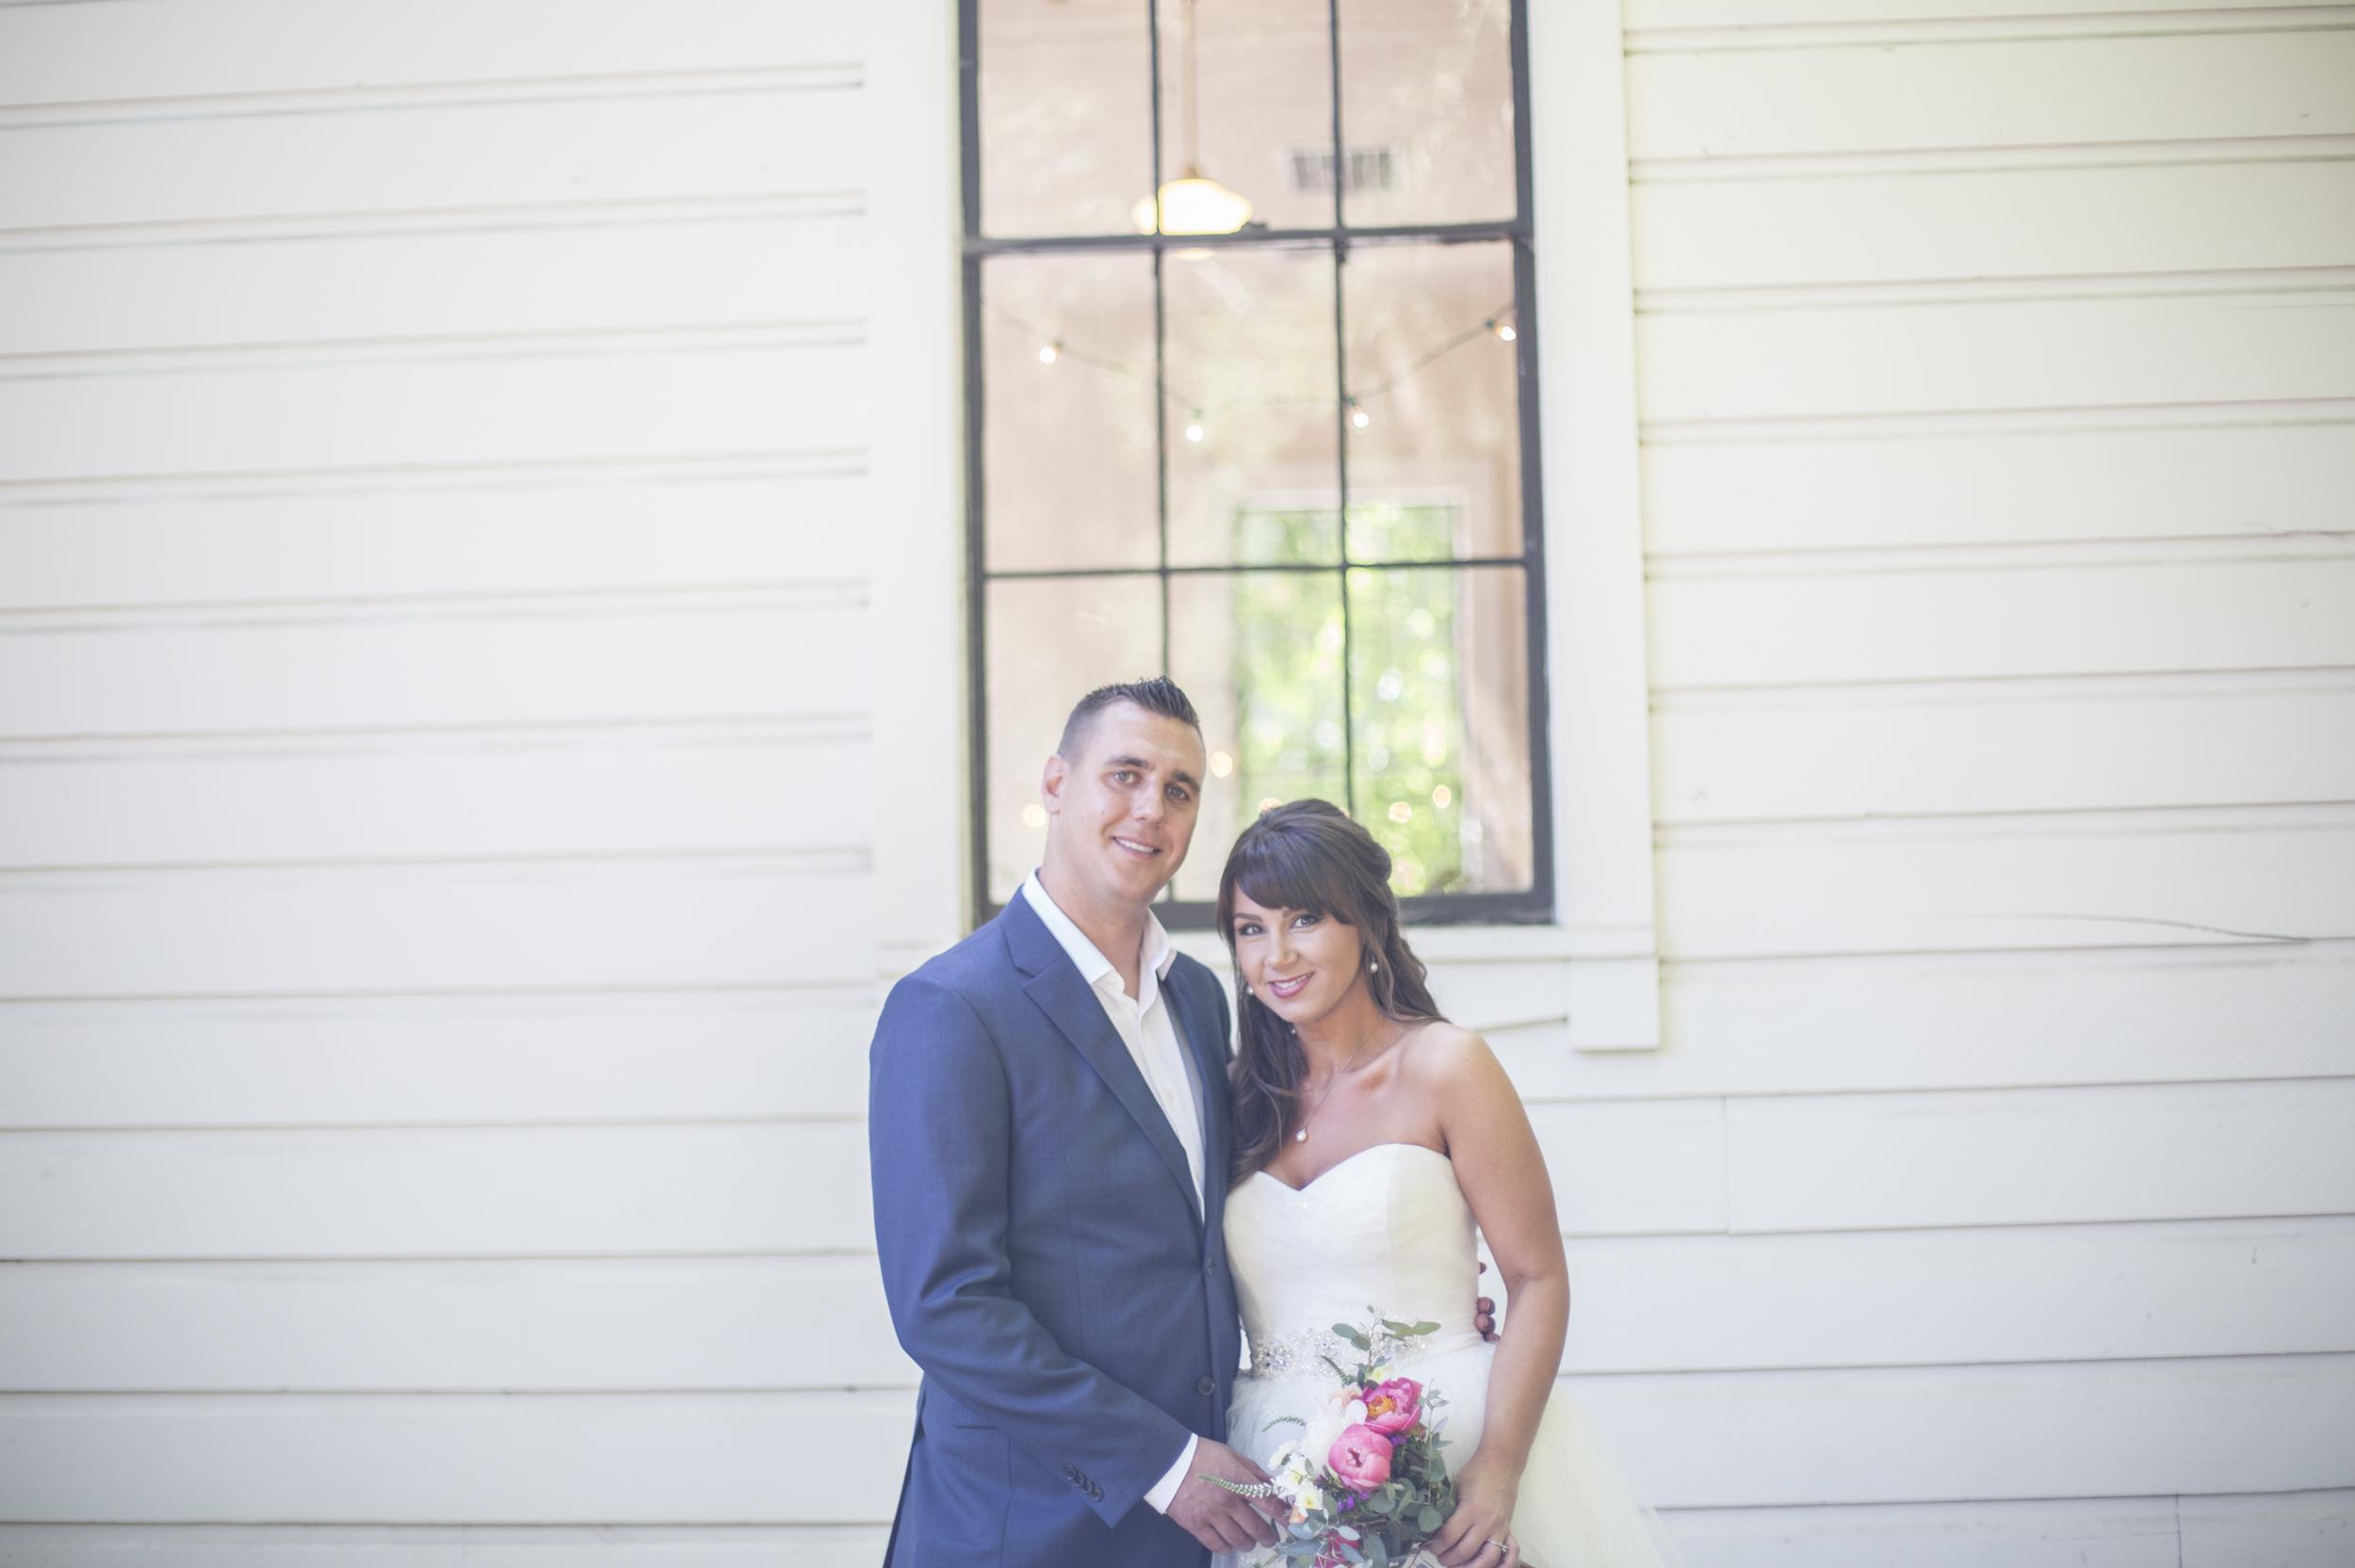 Mike&Anna1R0A0640.jpg